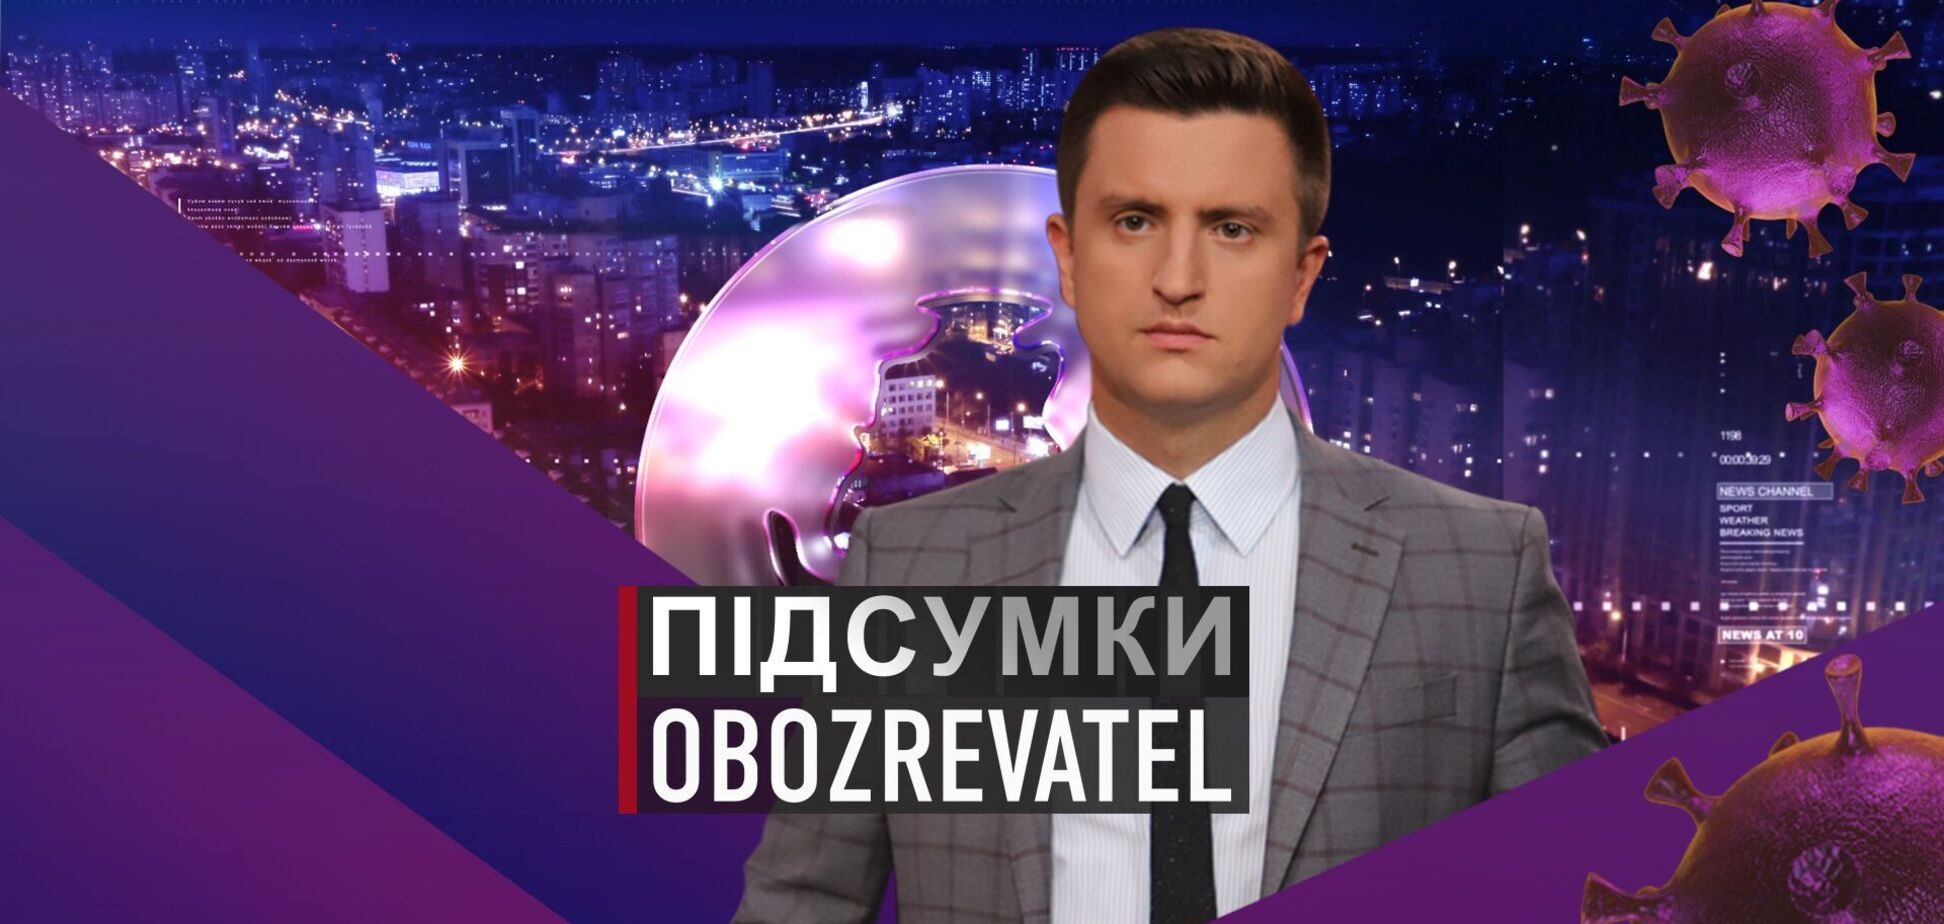 Підсумки з Вадимом Колодійчуком. Вівторок, 11 травня